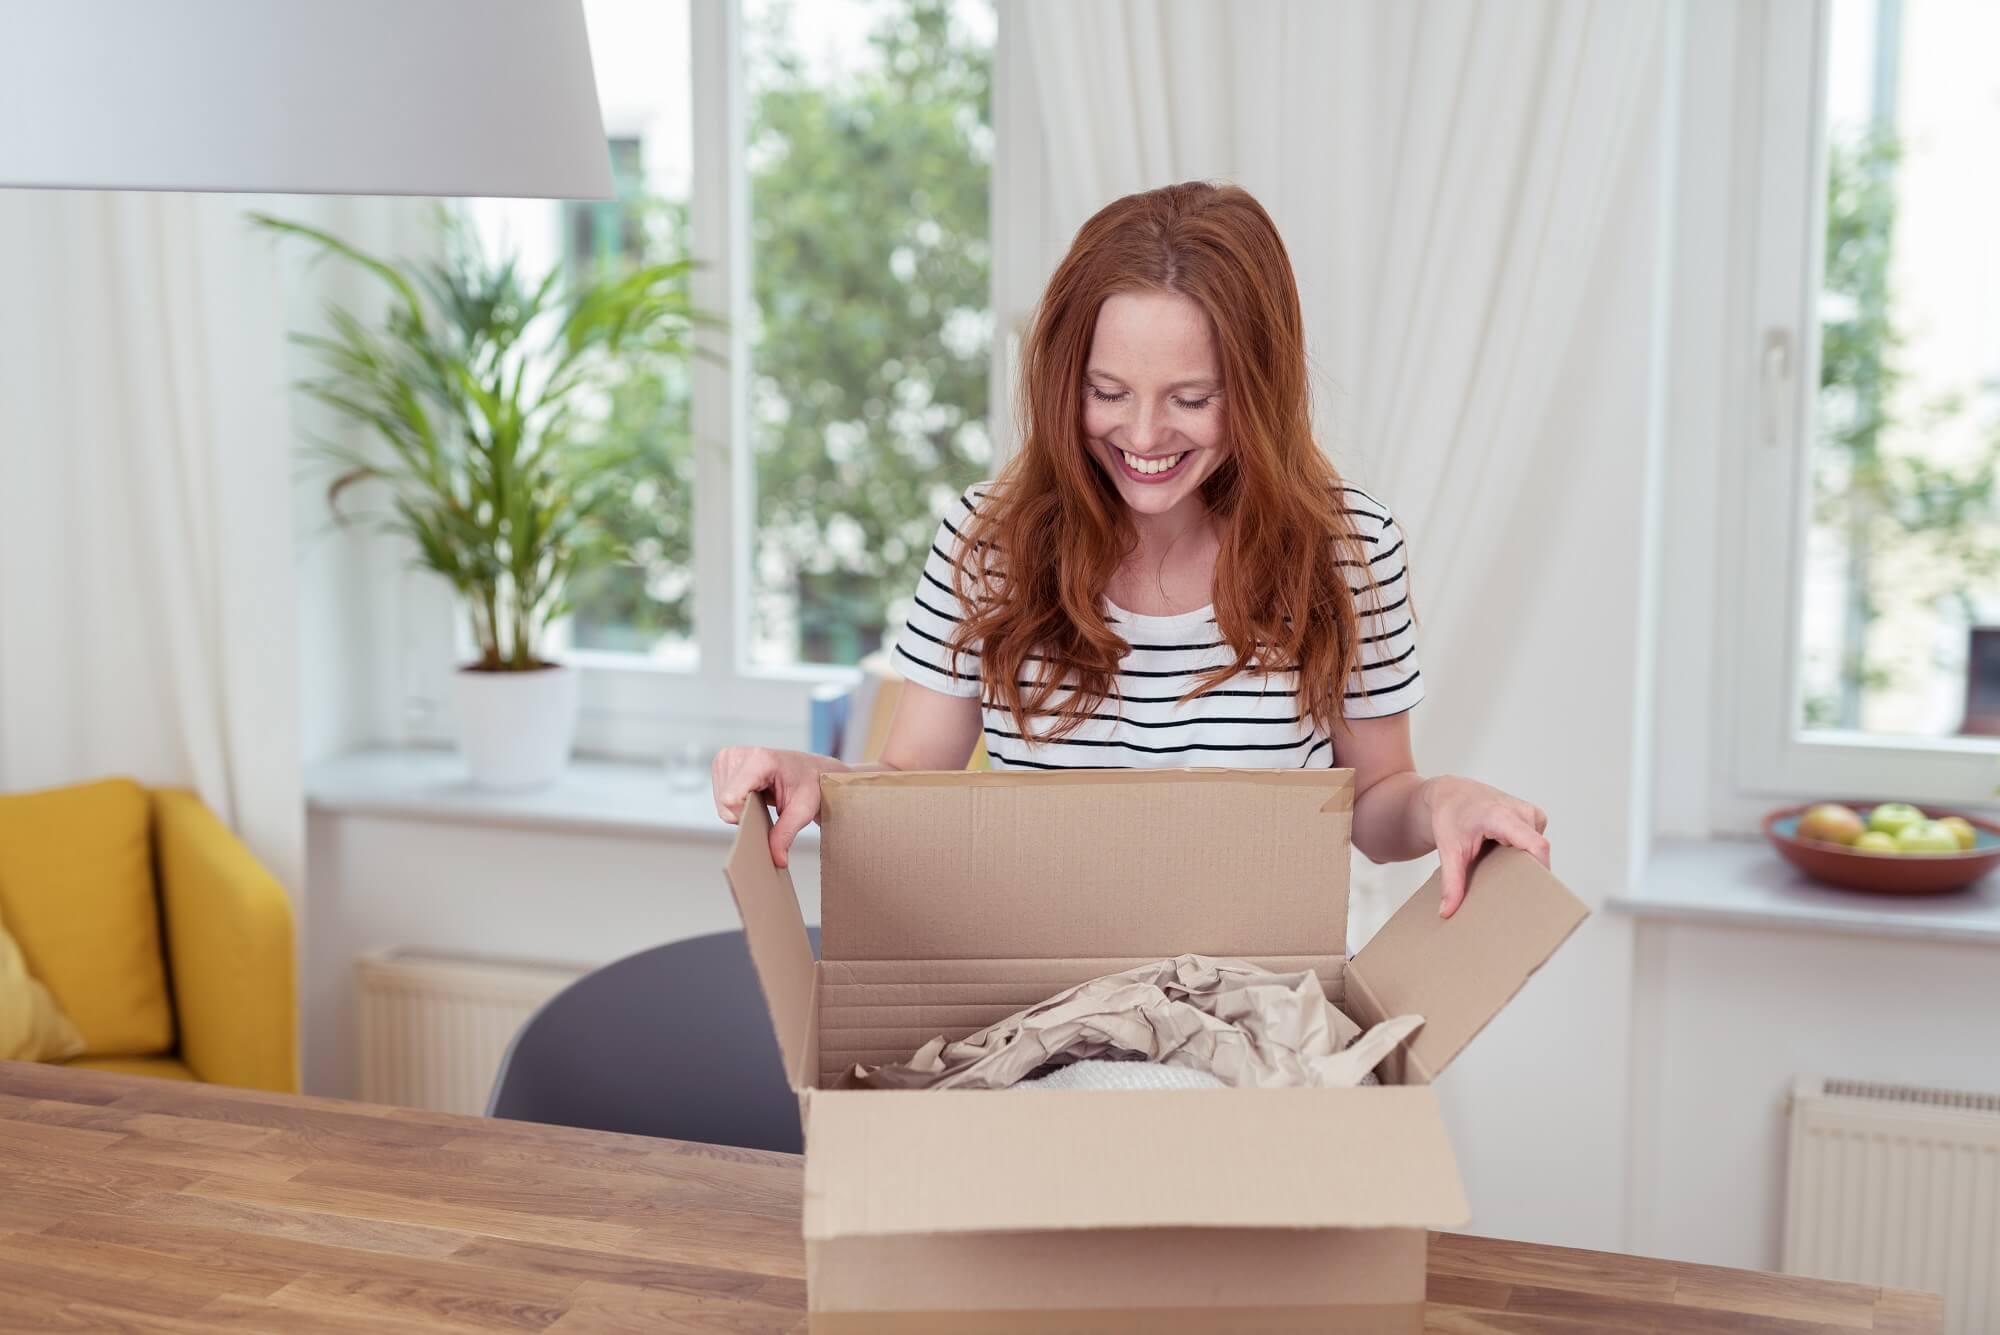 kobieta pakuje przesyłkę w domu